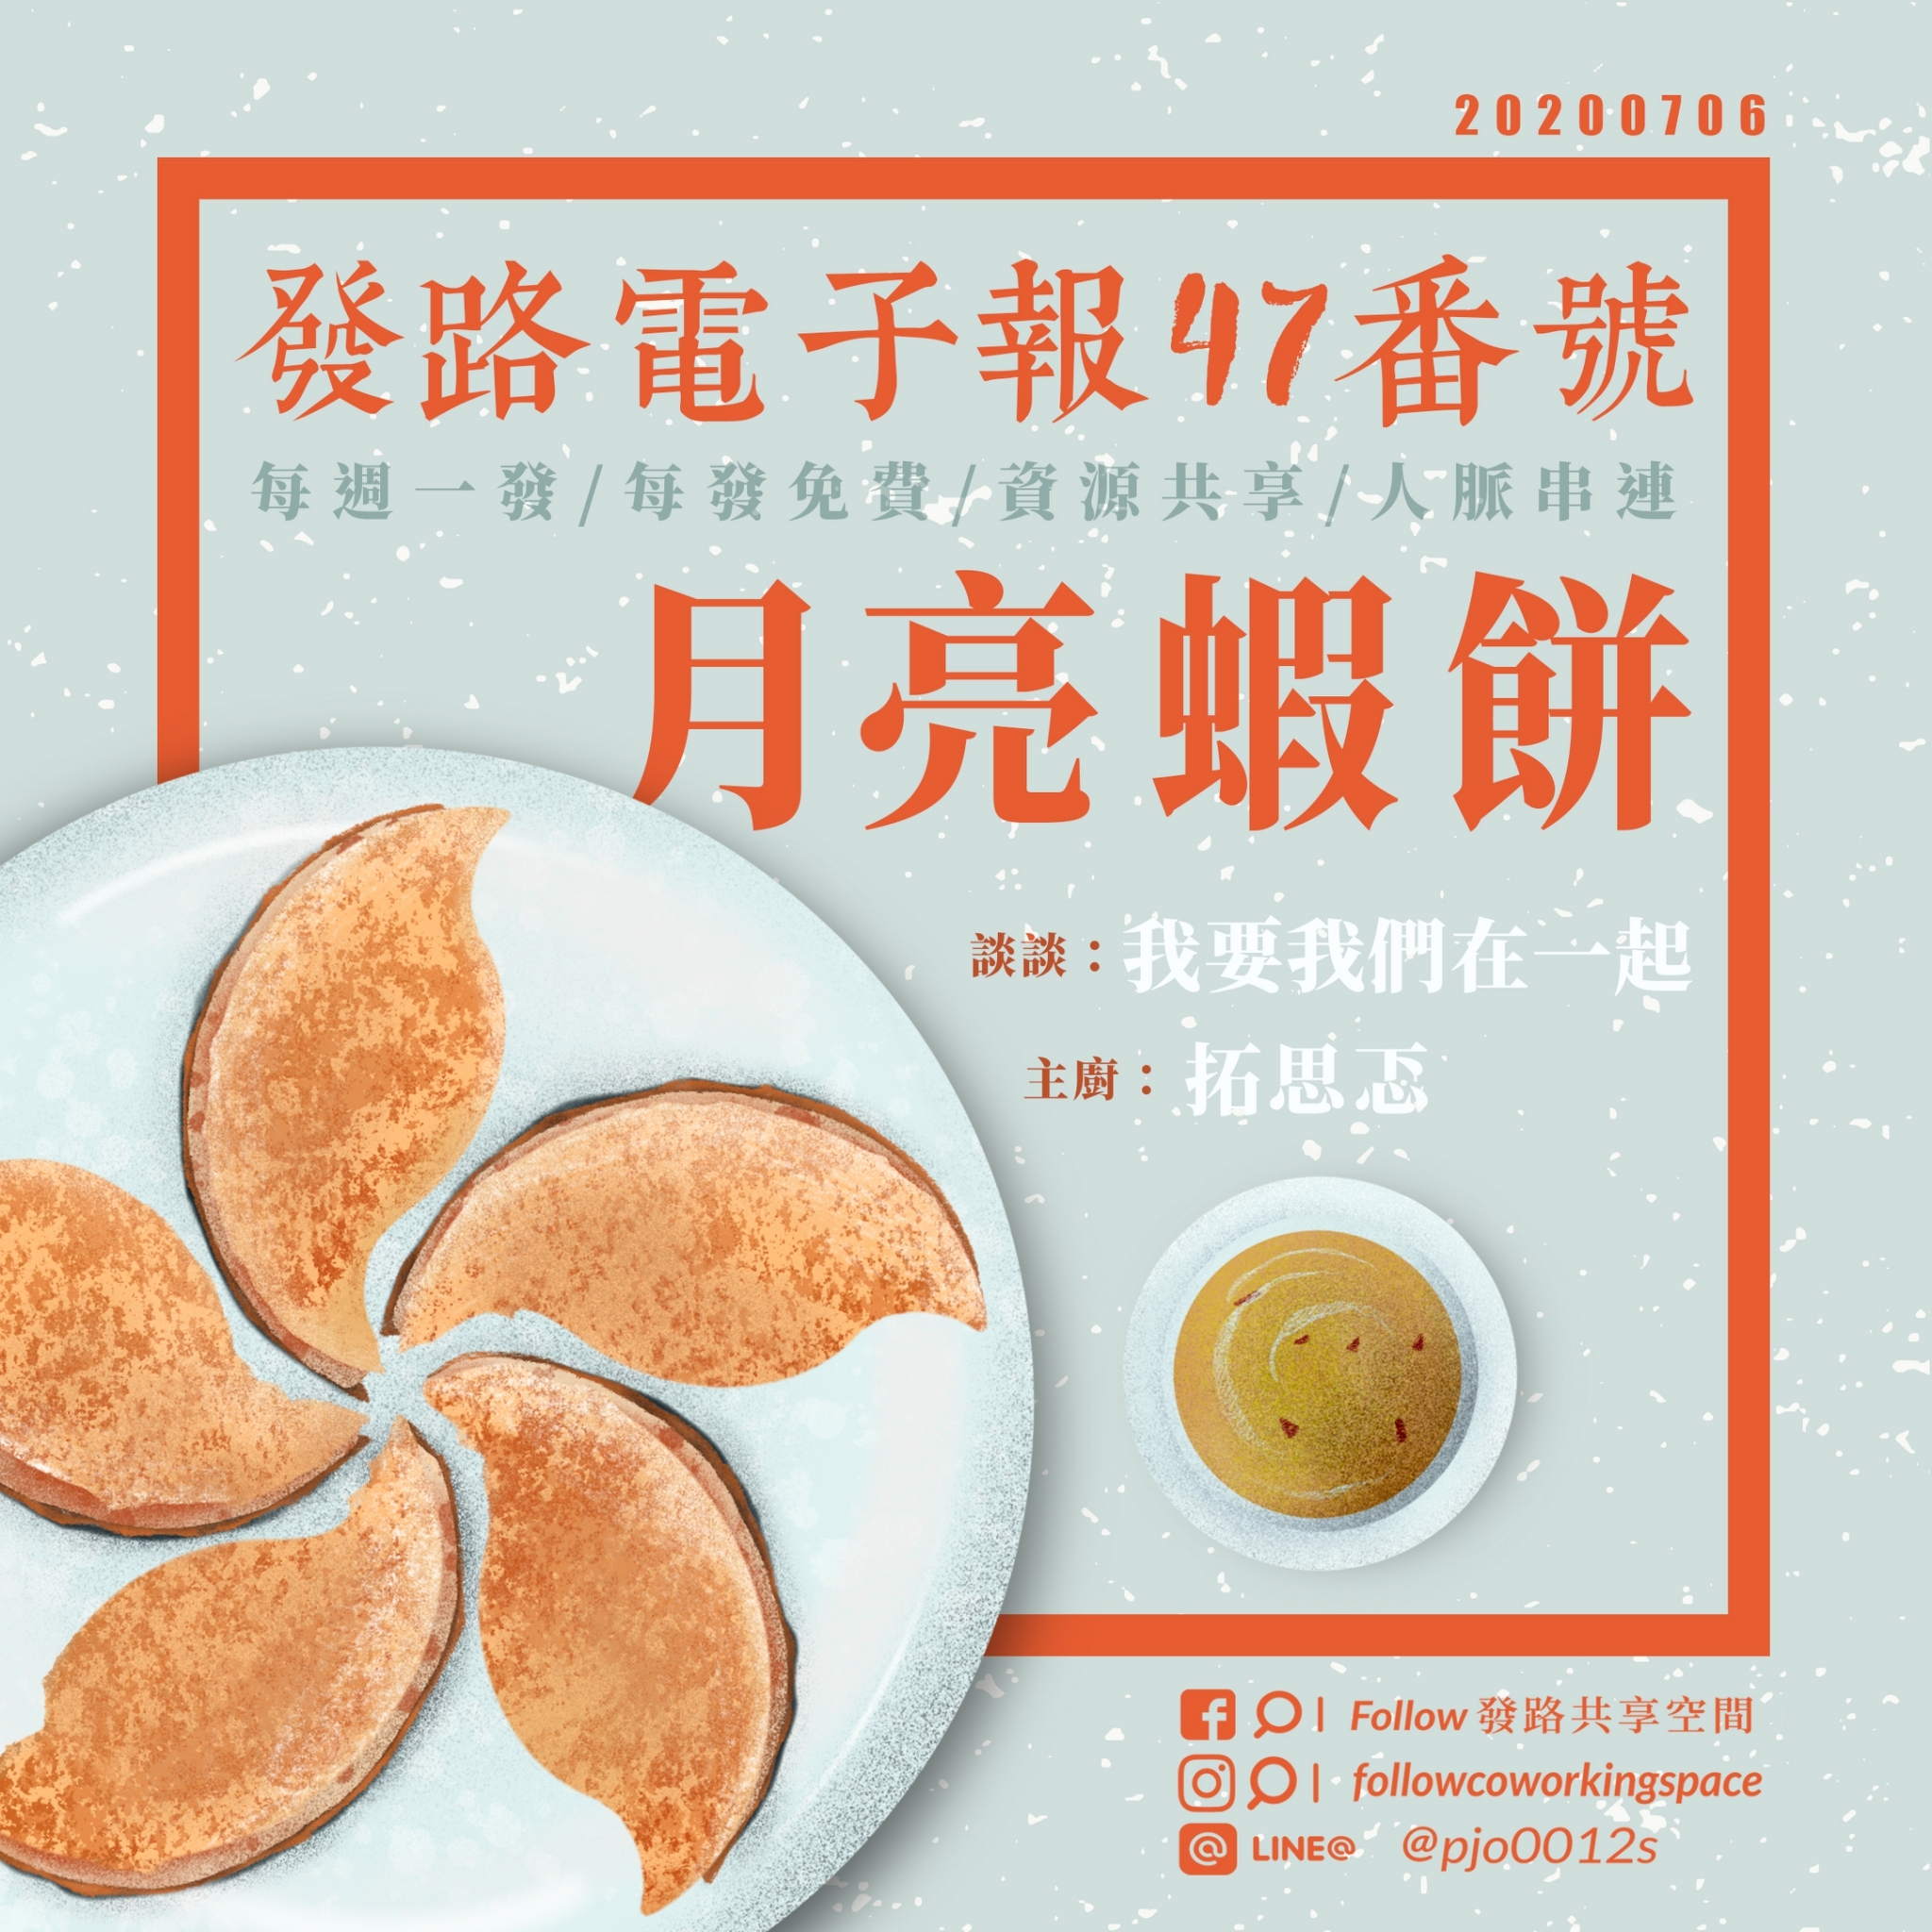 🌜發路深夜電子報 第四十七番:月亮蝦餅!